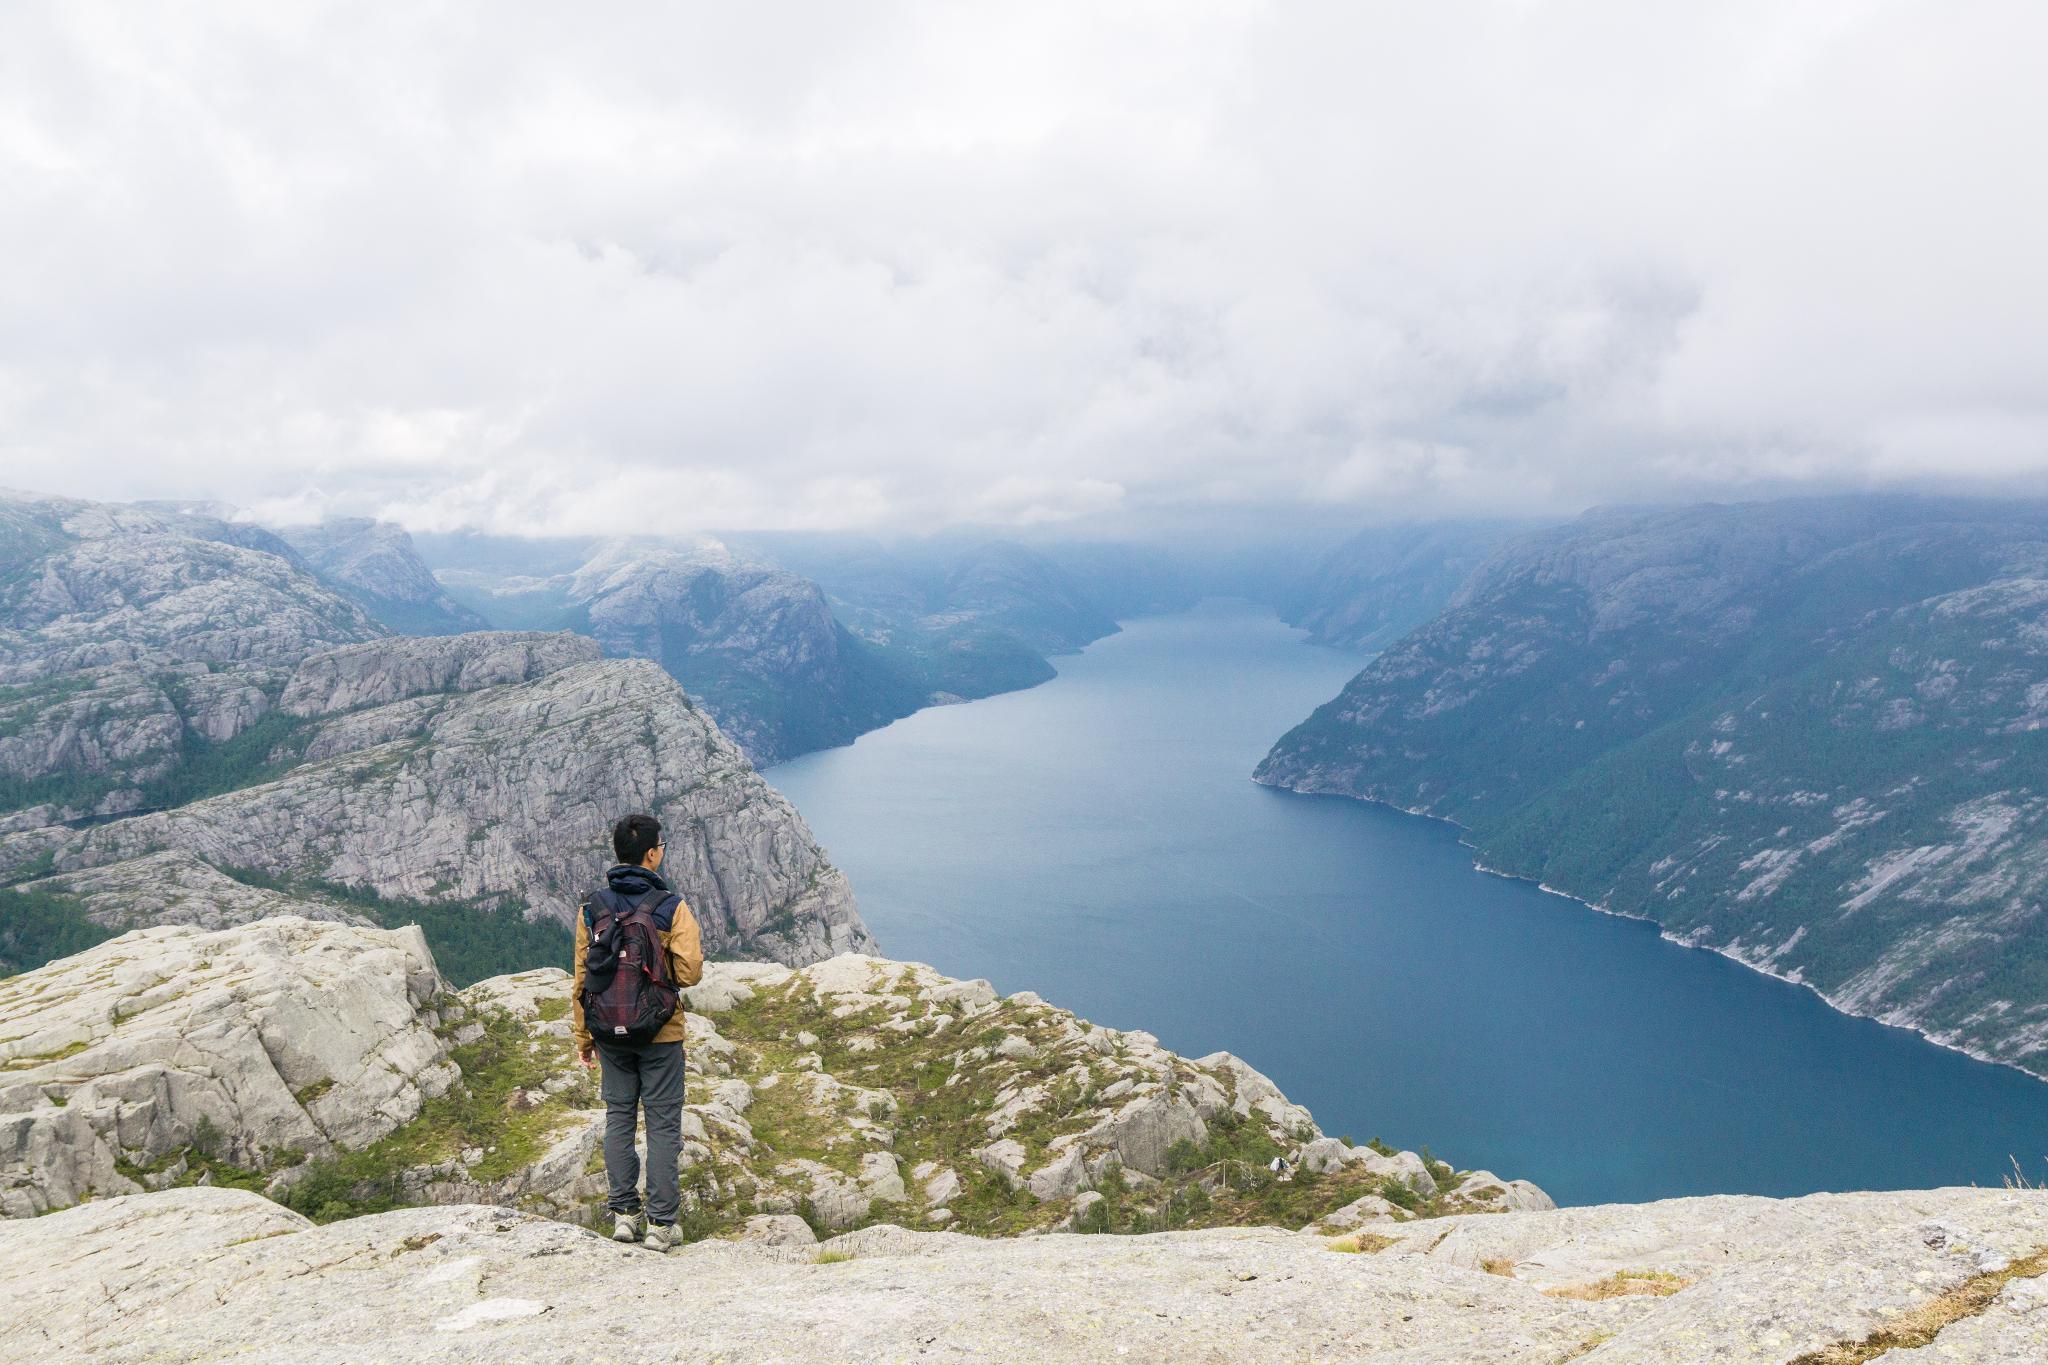 【北歐景點】朝聖挪威三大奇岩:聖壇岩Preikestolen健行紀錄 35